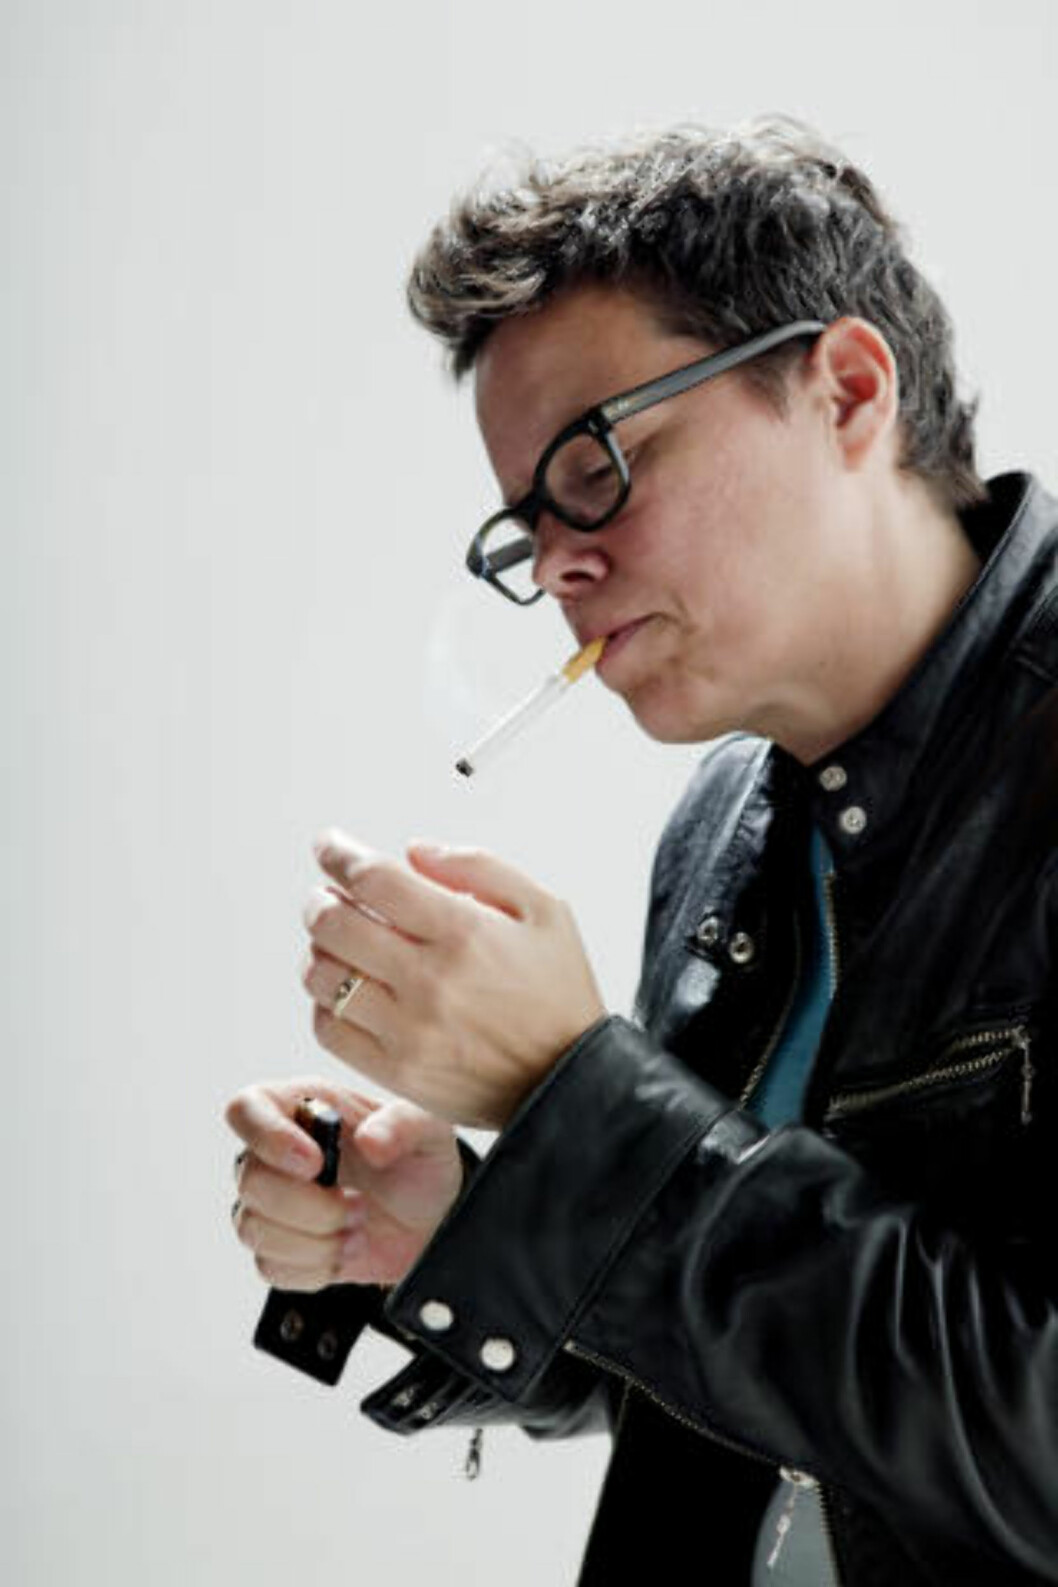 <strong>ULIK TÅLEGRENSE:</strong> Noen tåler røyking bedre enn andre. Foto: Elisabeth Sperre Alnes/Dagbladet